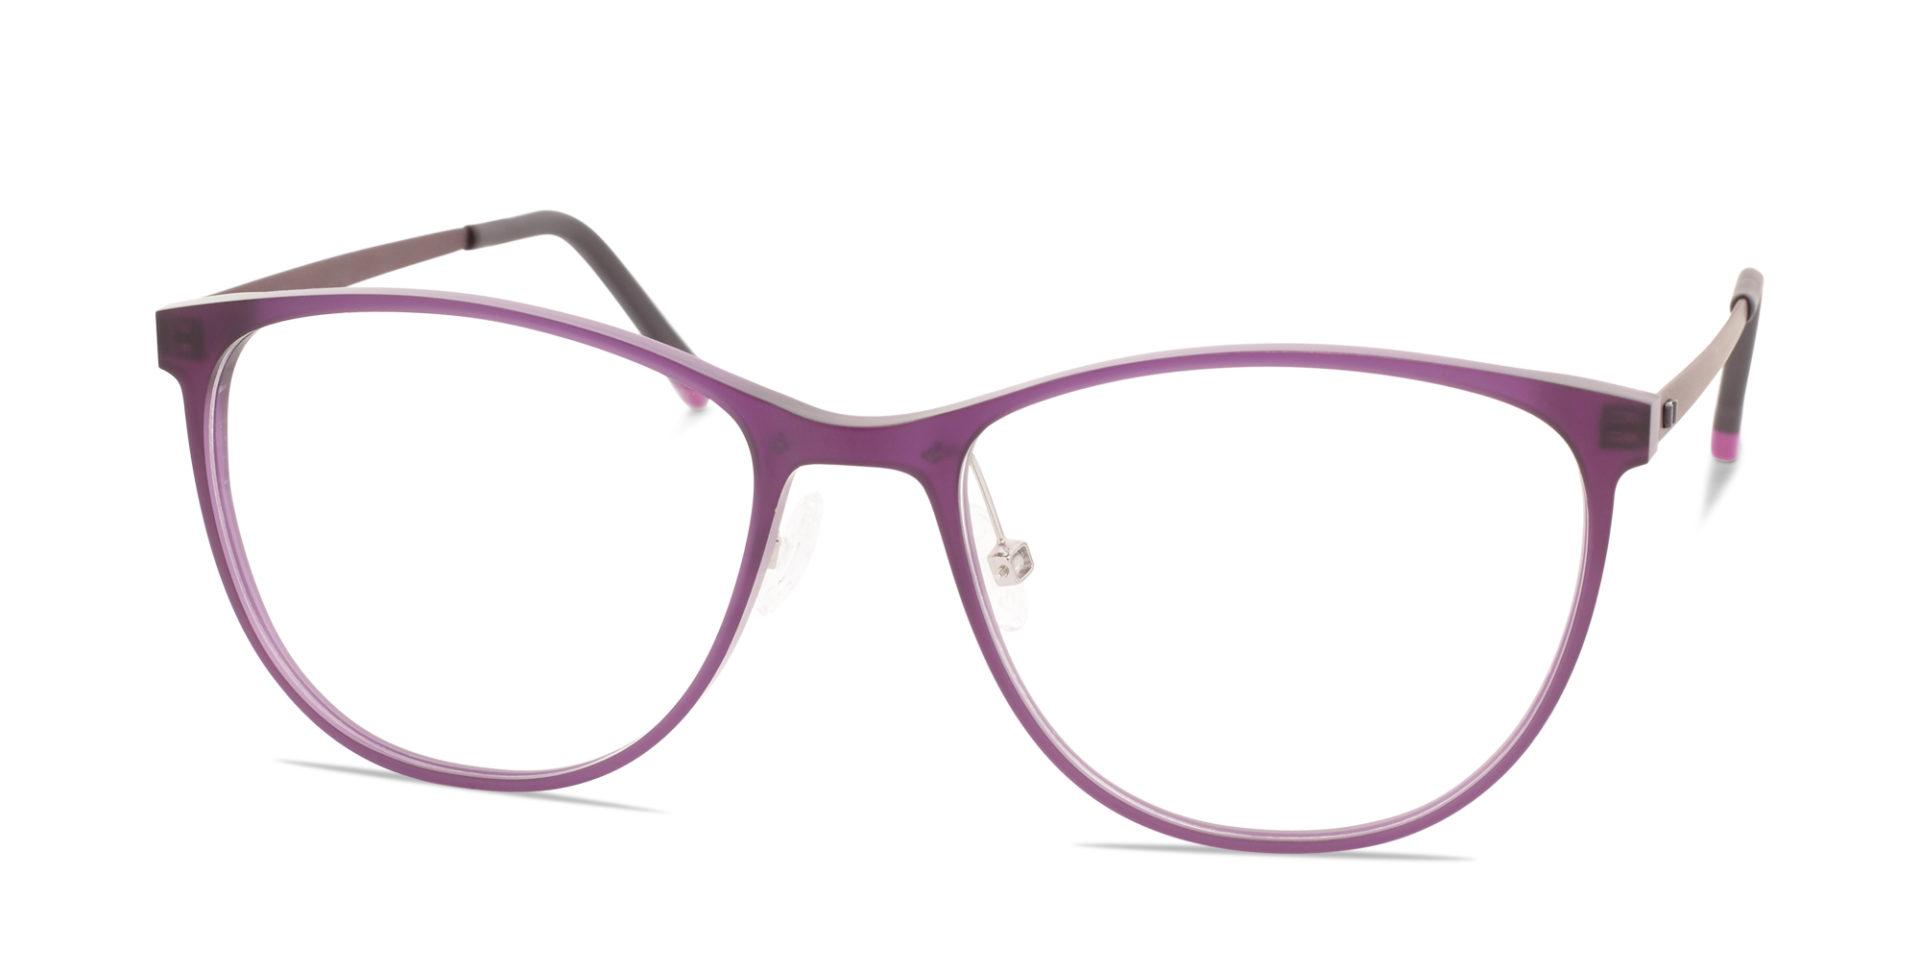 brillen imago in muenchen - Imago i-spax Brillen München